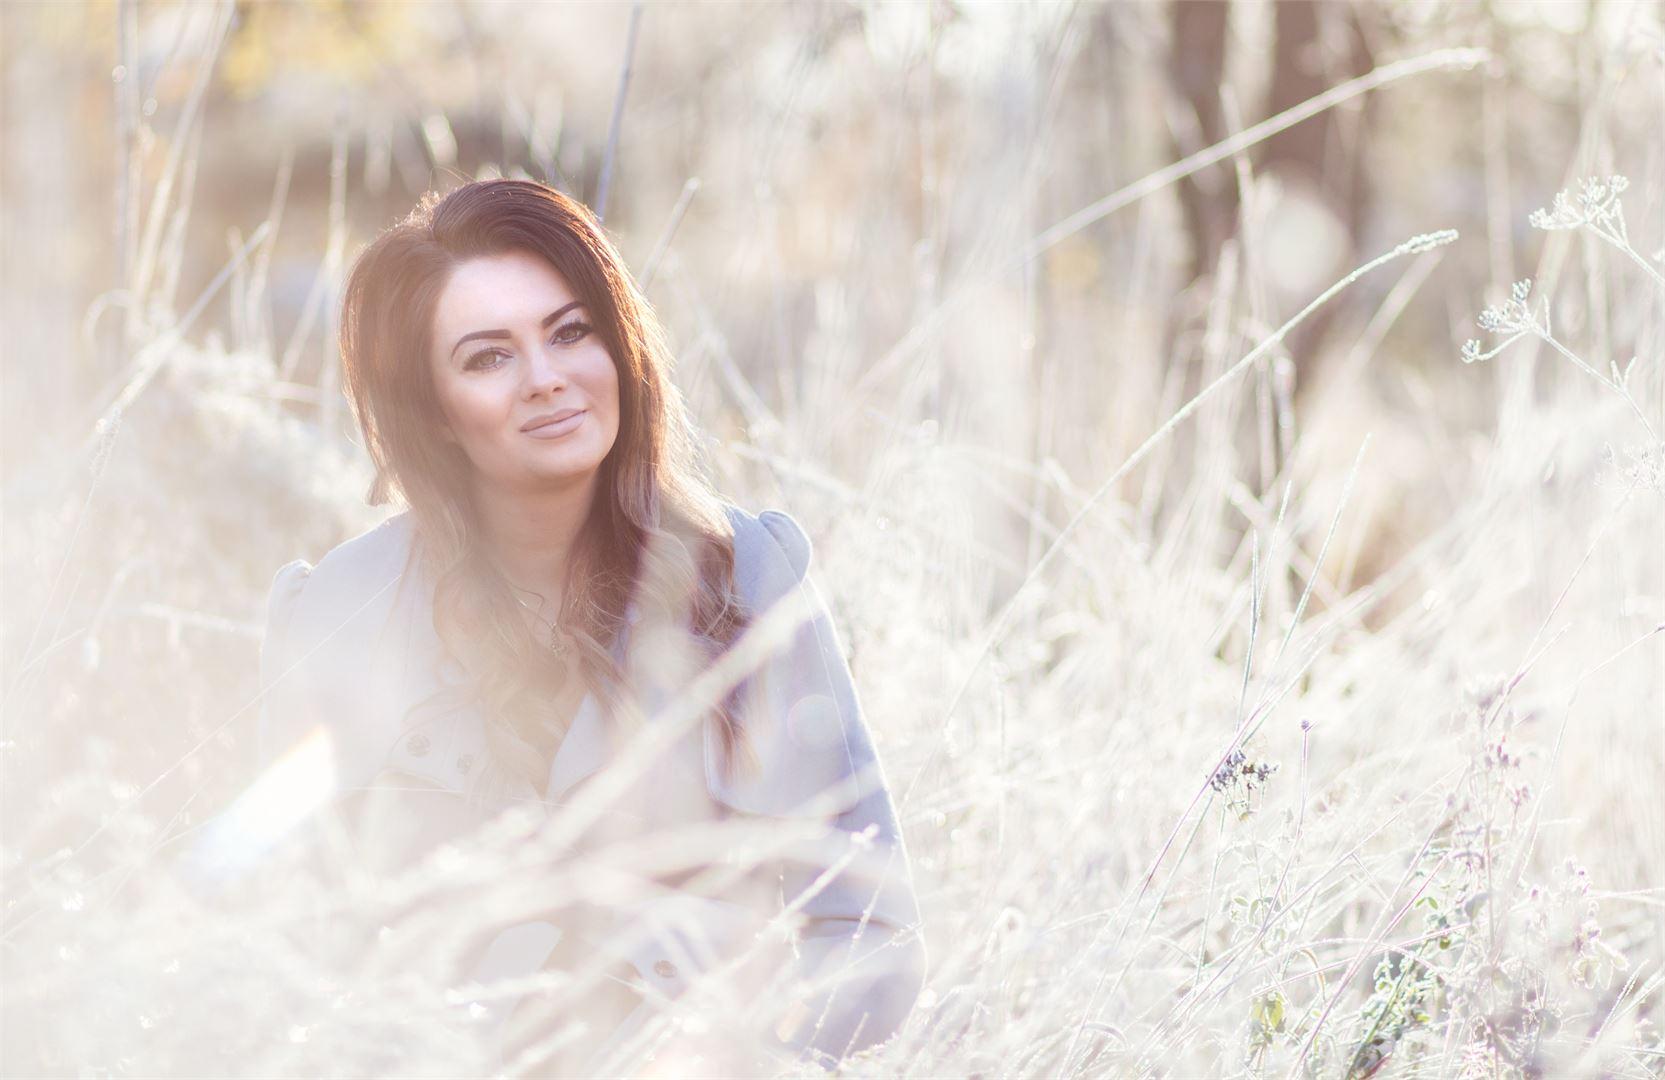 Tanja halua jakaa tietoa ja toivoa muille sairastuneille, elämä voi olla hyvää vaikka sairastaisi skitsofreniaa. Kuva Oona Jokinen